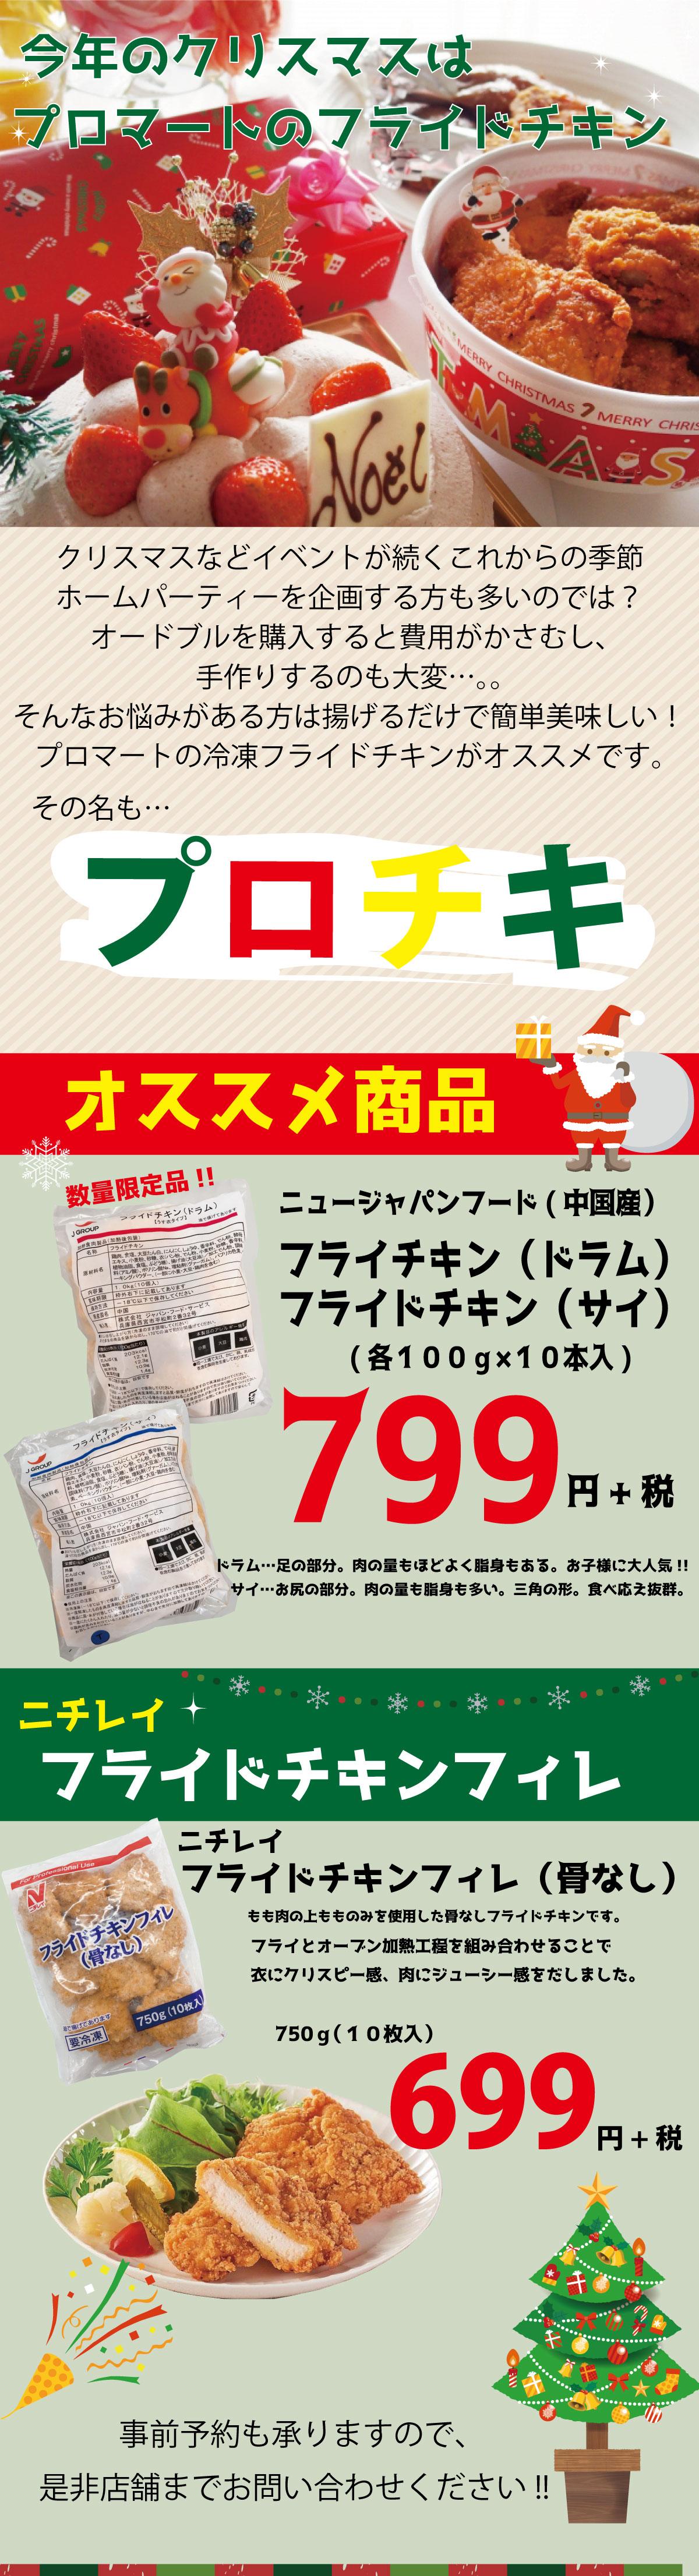 今年のクリスマスは プロマートのフライドチキン プロチキをご利用ください!